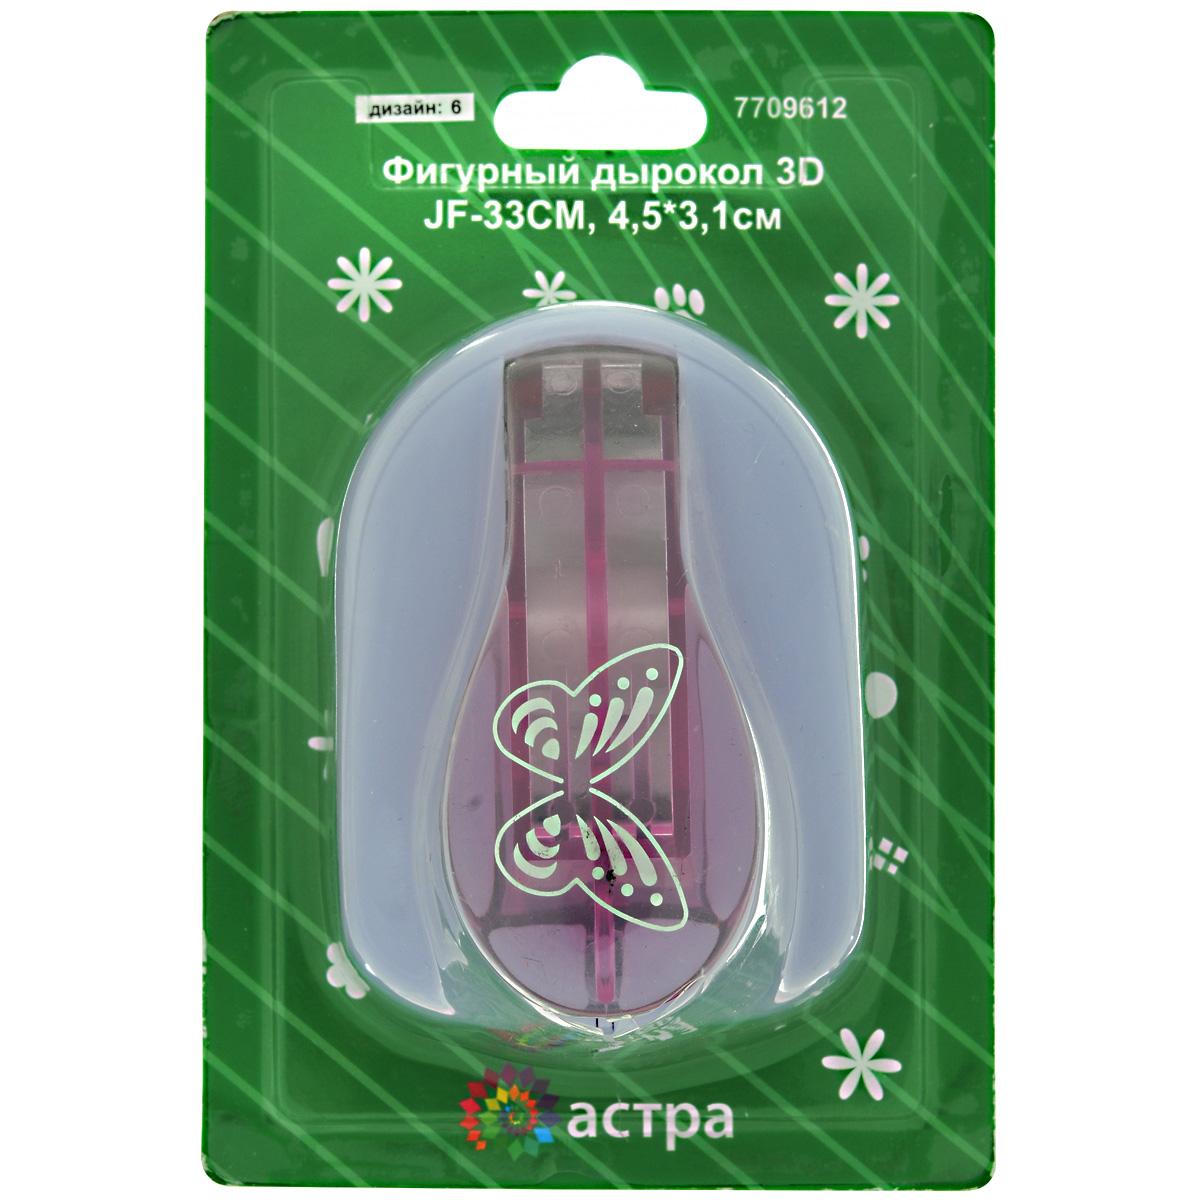 Дырокол фигурный Астра Бабочка. 7709612_67709612_6 - бабочкаДырокол Астра Бабочка, изготовленный из прочного металла и пластика, поможет вам легко, просто и аккуратно вырезать много одинаковых мелких фигурок. Режущие части компостера закрыты пластиковым корпусом, что обеспечивает безопасность для детей. Вырезанные фигурки в виде бабочек накапливаются в специальном резервуаре. Можно использовать вырезанные мотивы как конфетти или для наклеивания. Дырокол подходит для разных техник: декупажа, скрапбукинга, декорирования. Размер дырокола: 9 см х 6,5 см х 6 см. Размер вырезного отверстия: 4,5 см х 3,1 см.